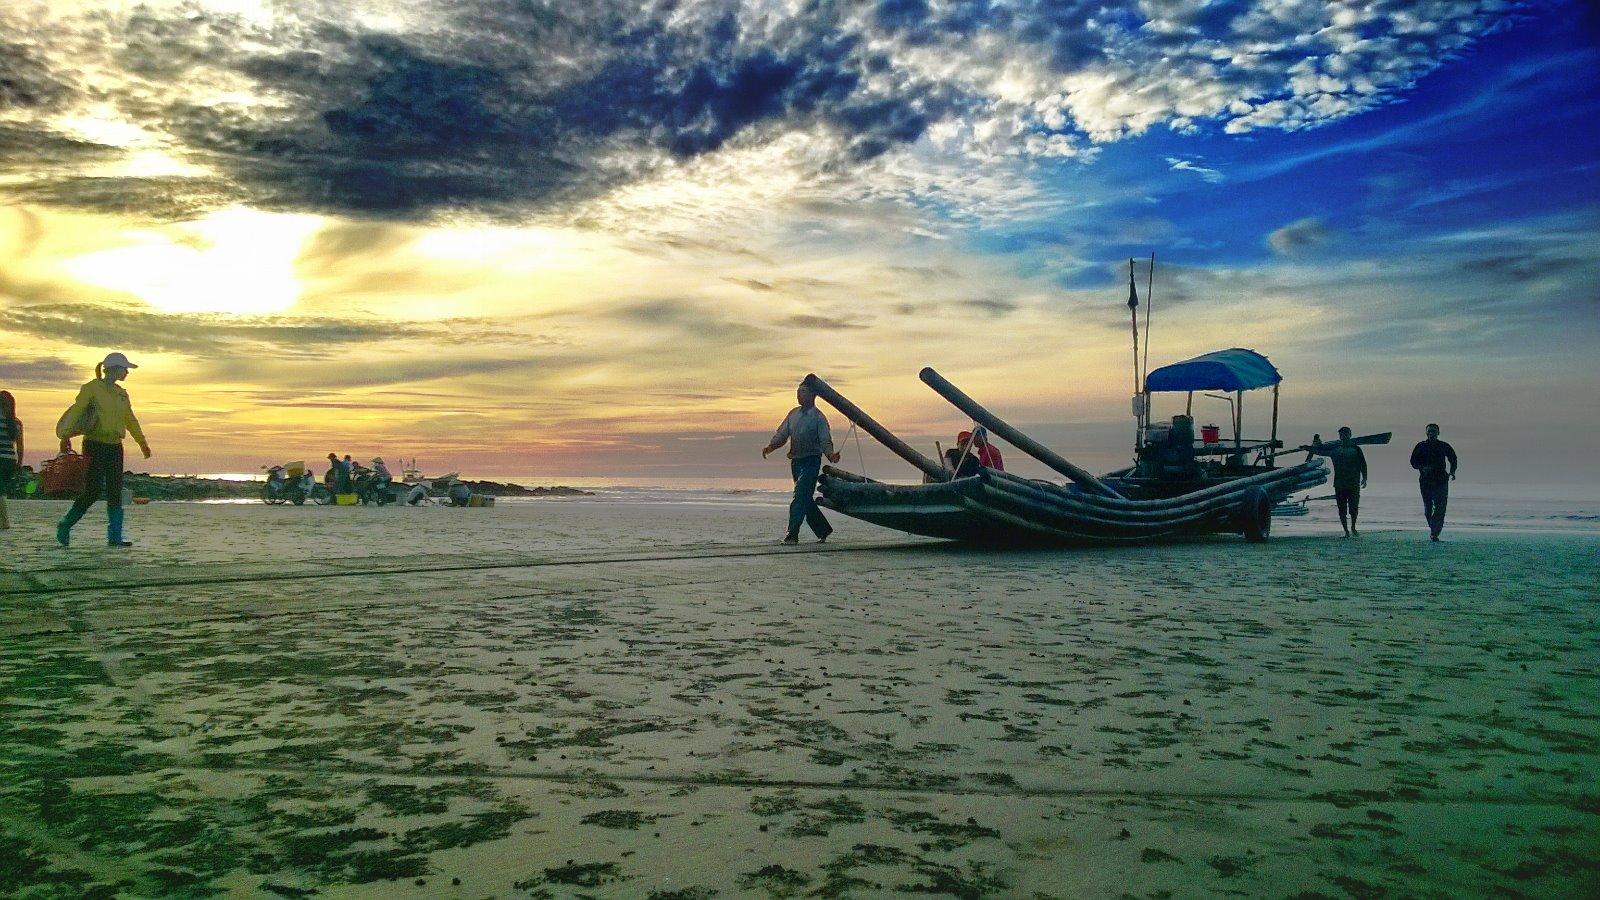 Khung cảnh biển Hải Hậu Nam Định với chiếc thuyền chài